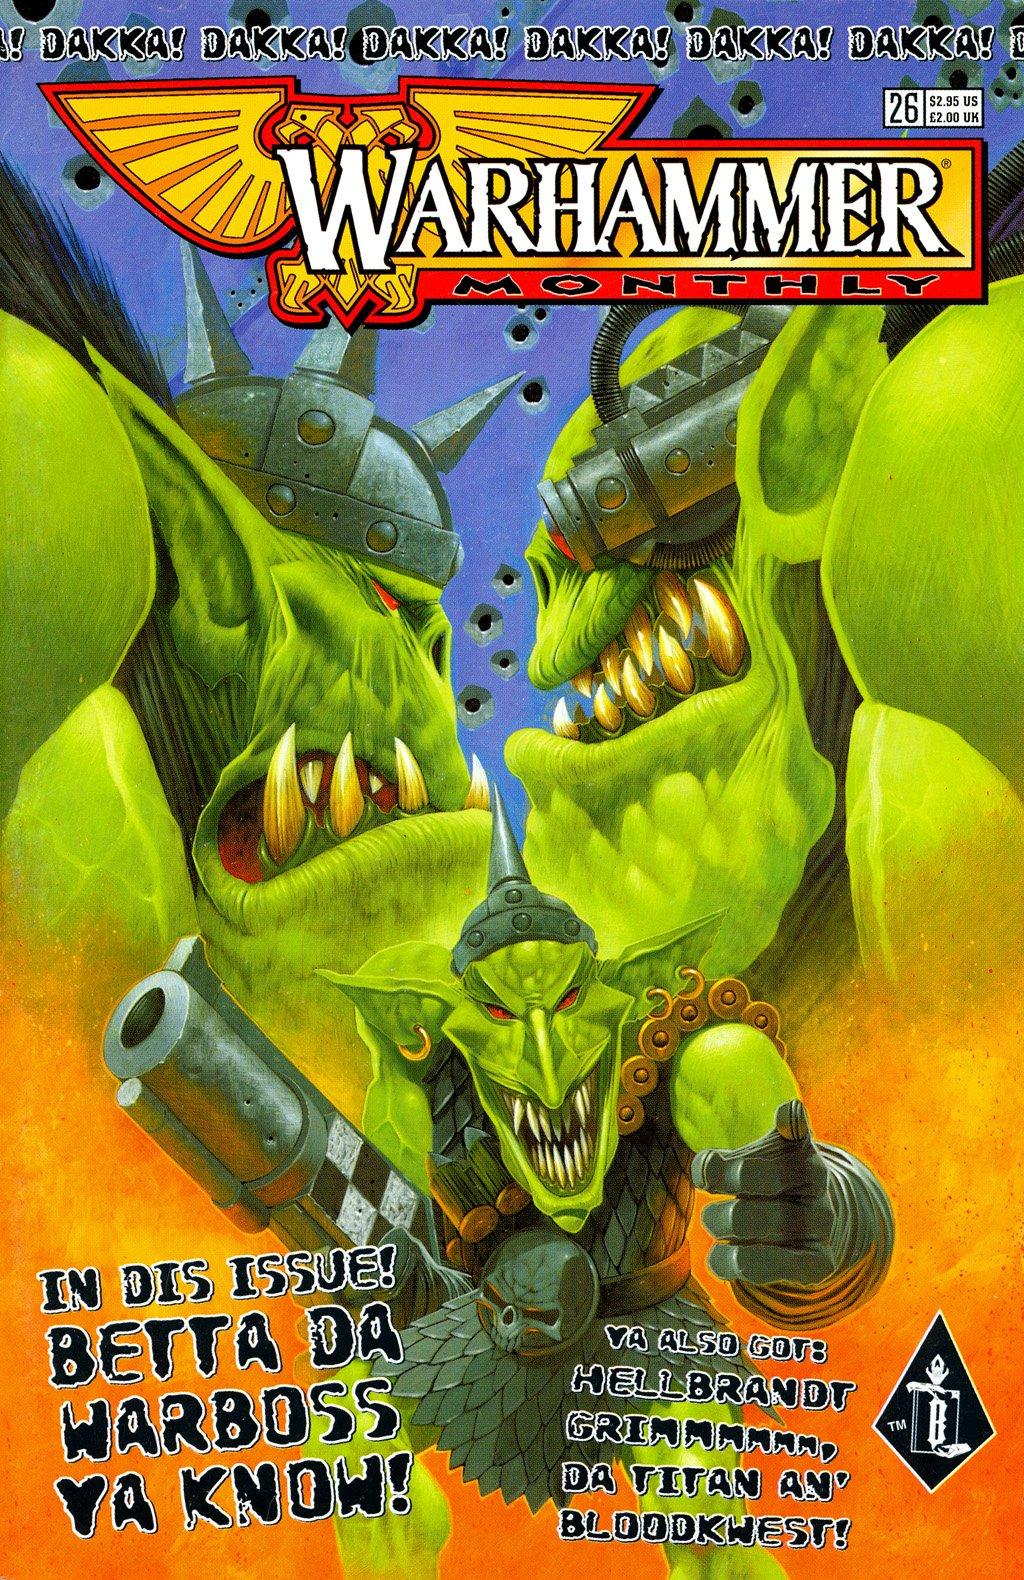 Самые крутые комиксы по Warhammer 40.000 | Канобу - Изображение 10